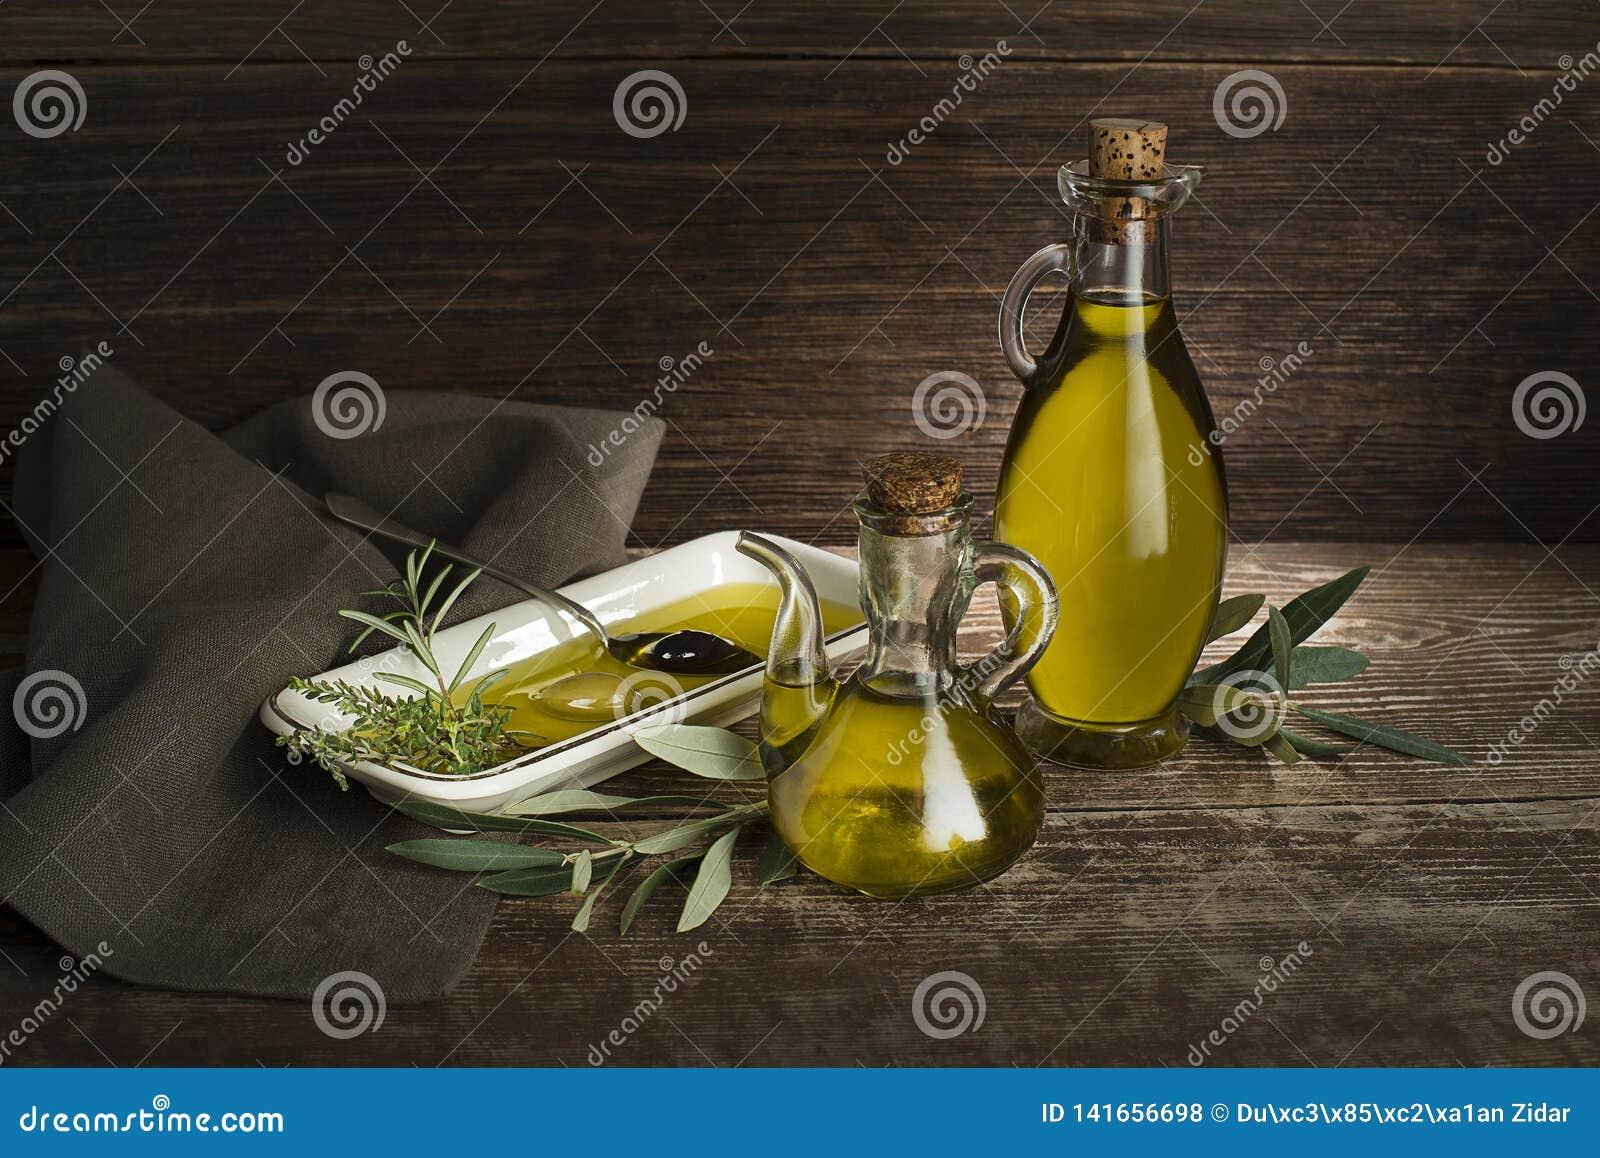 橄榄油瓶用草本